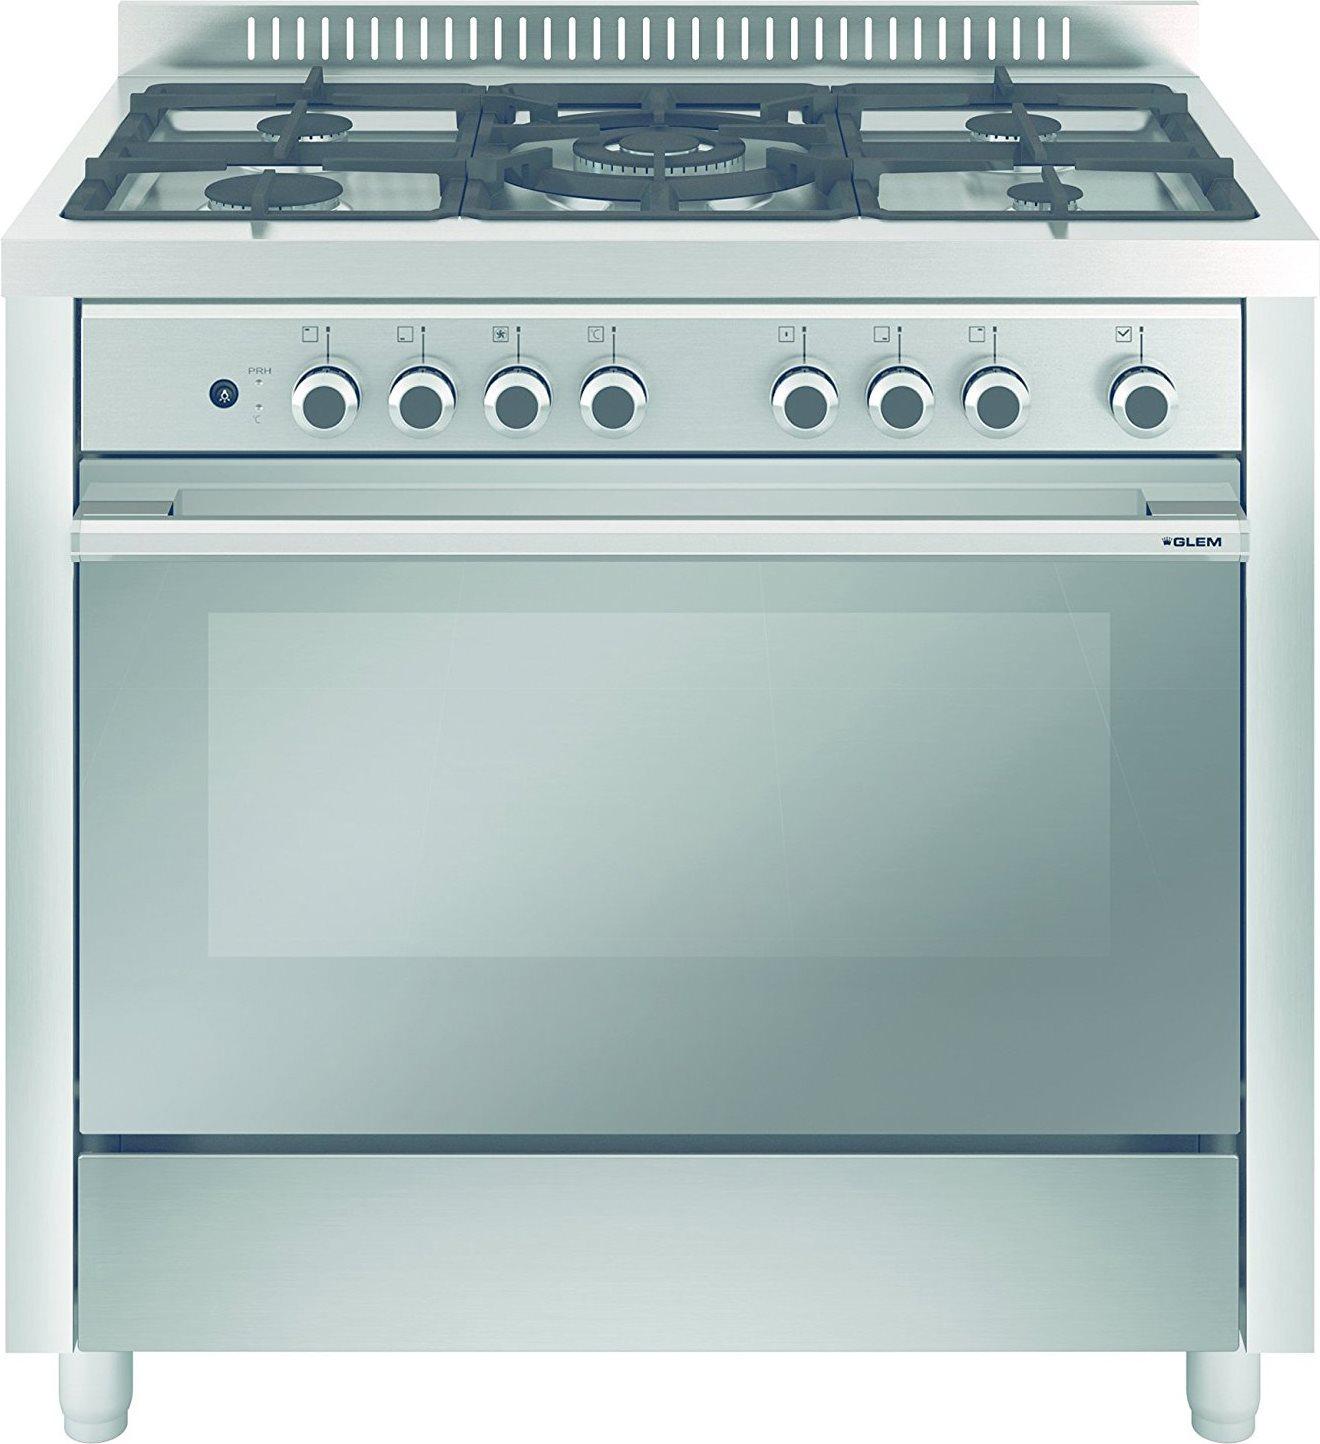 Glem gas cucina a gas 5 fuochi forno elettrico - Forno con funzione pizza ...